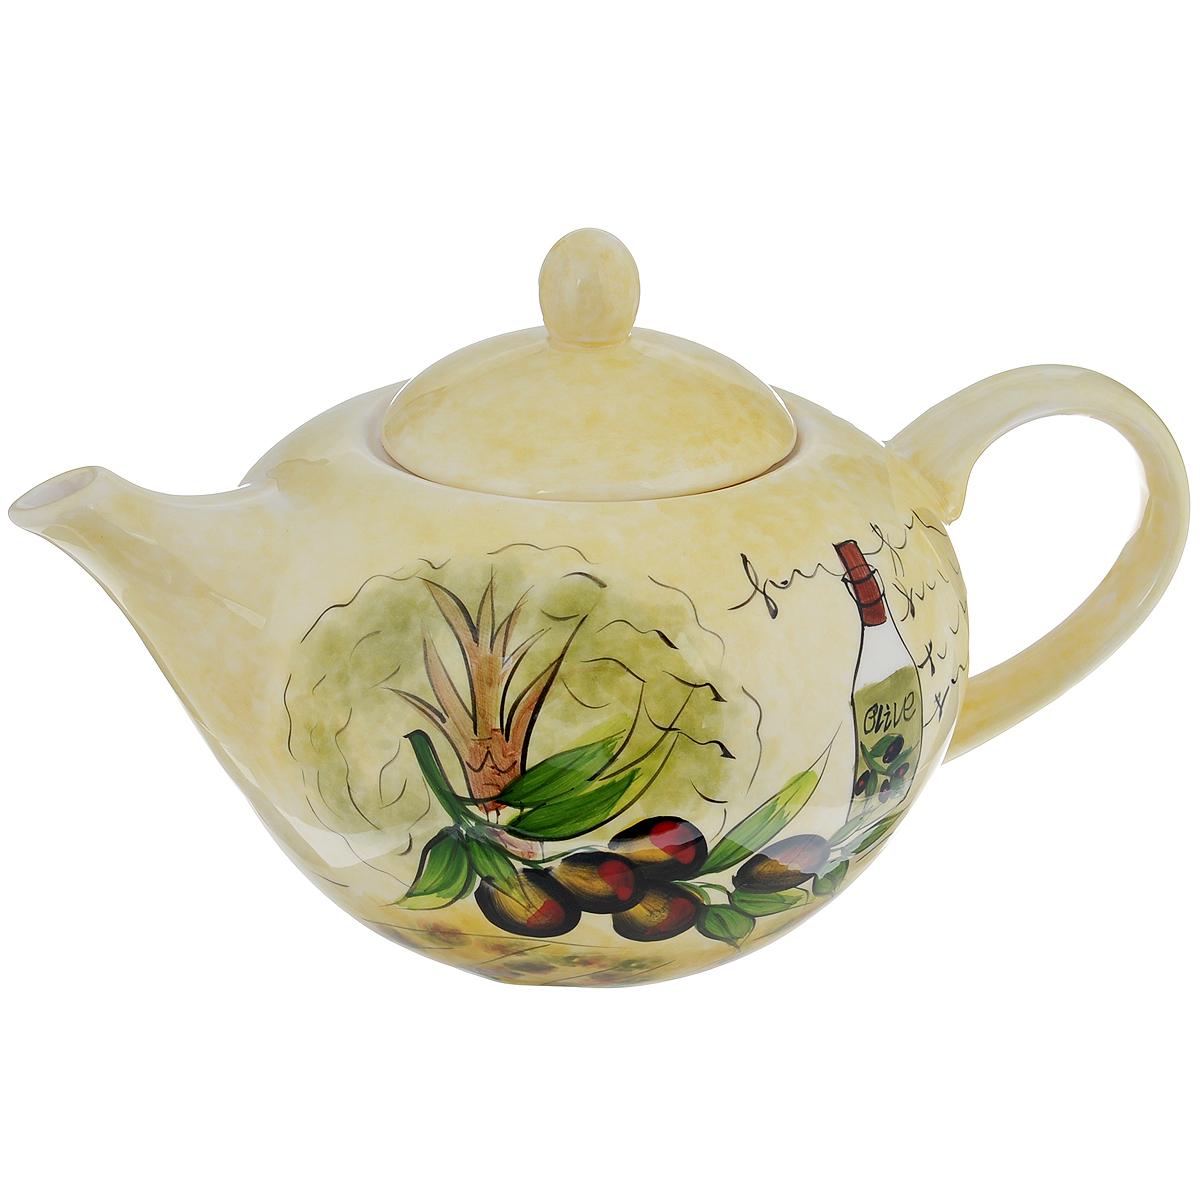 Чайник заварочный Маслины, 1,3 л115510Чайник заварочный Маслины изготовлен из доломитовой керамики и украшен красочным изображением маслин. Такой дизайн, несомненно, придется по вкусу и любителям классики, и тем кто ценит красоту и изящество. Чайник заварочный Маслины украсит ваш кухонный стол, а также станет замечательным подарком к любому празднику. Можно мыть в посудомоечной машине на минимальной температуре.